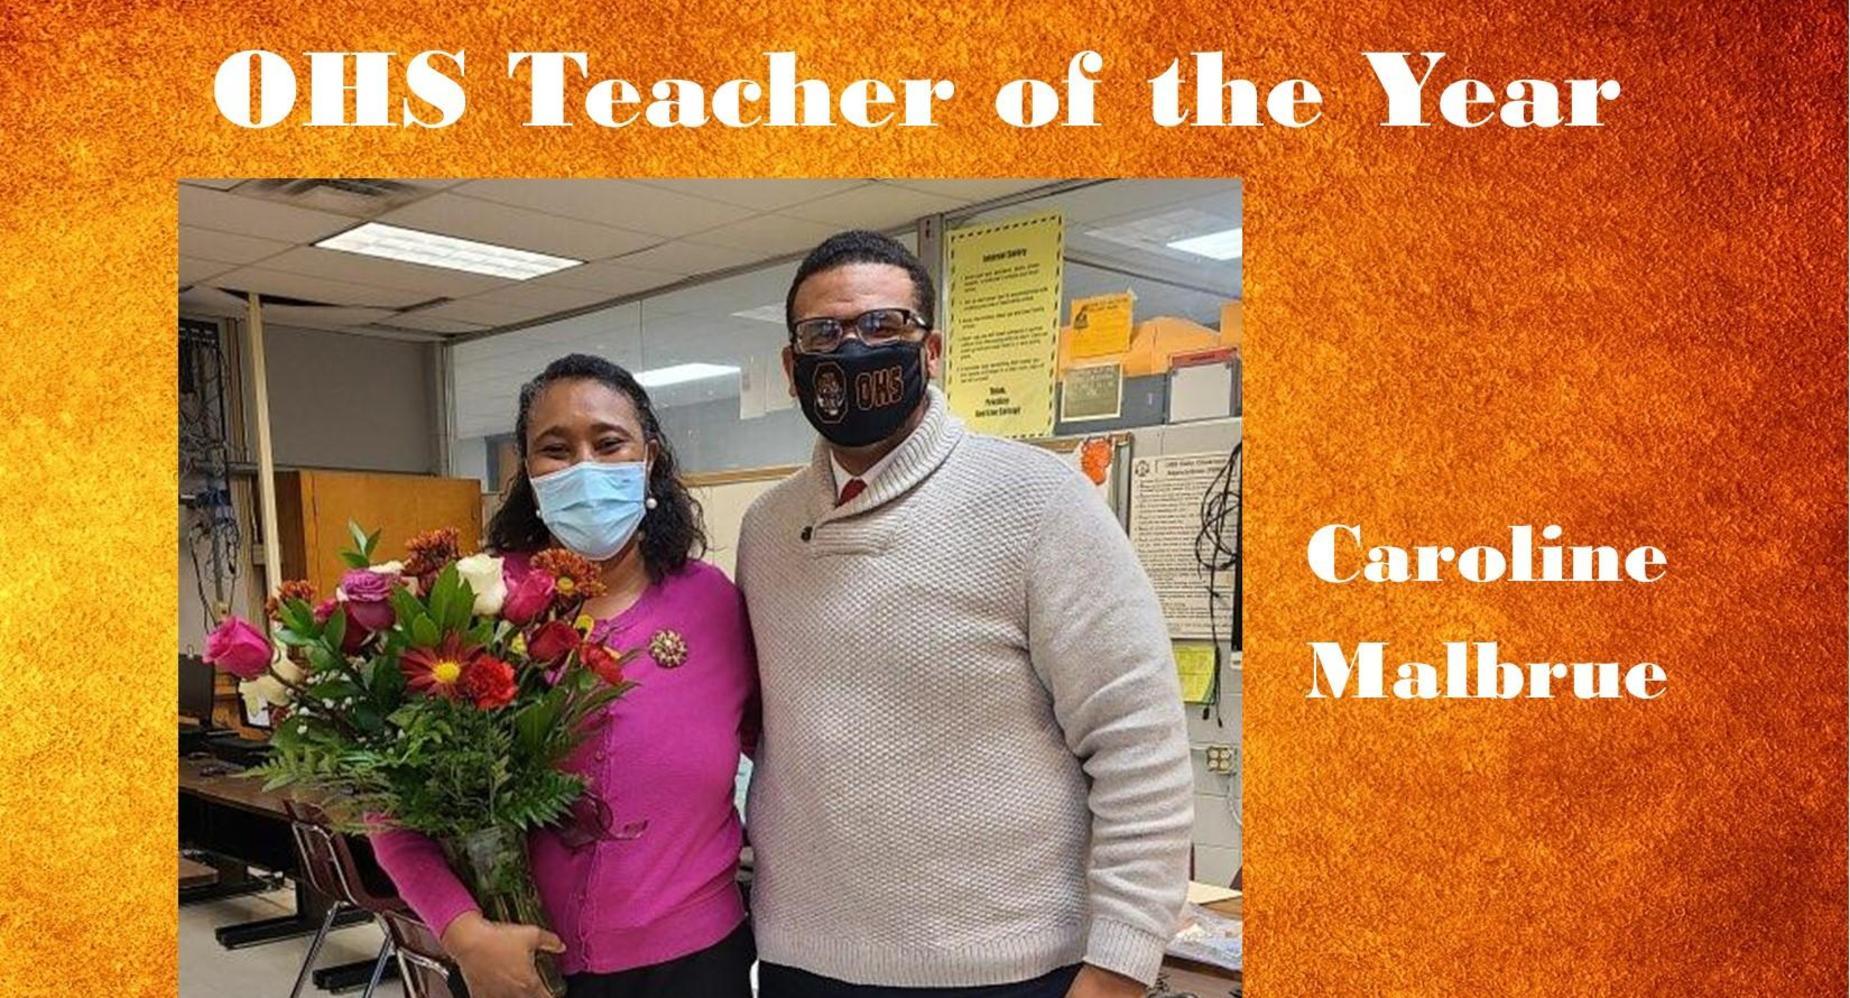 OHS Teacher of the Year